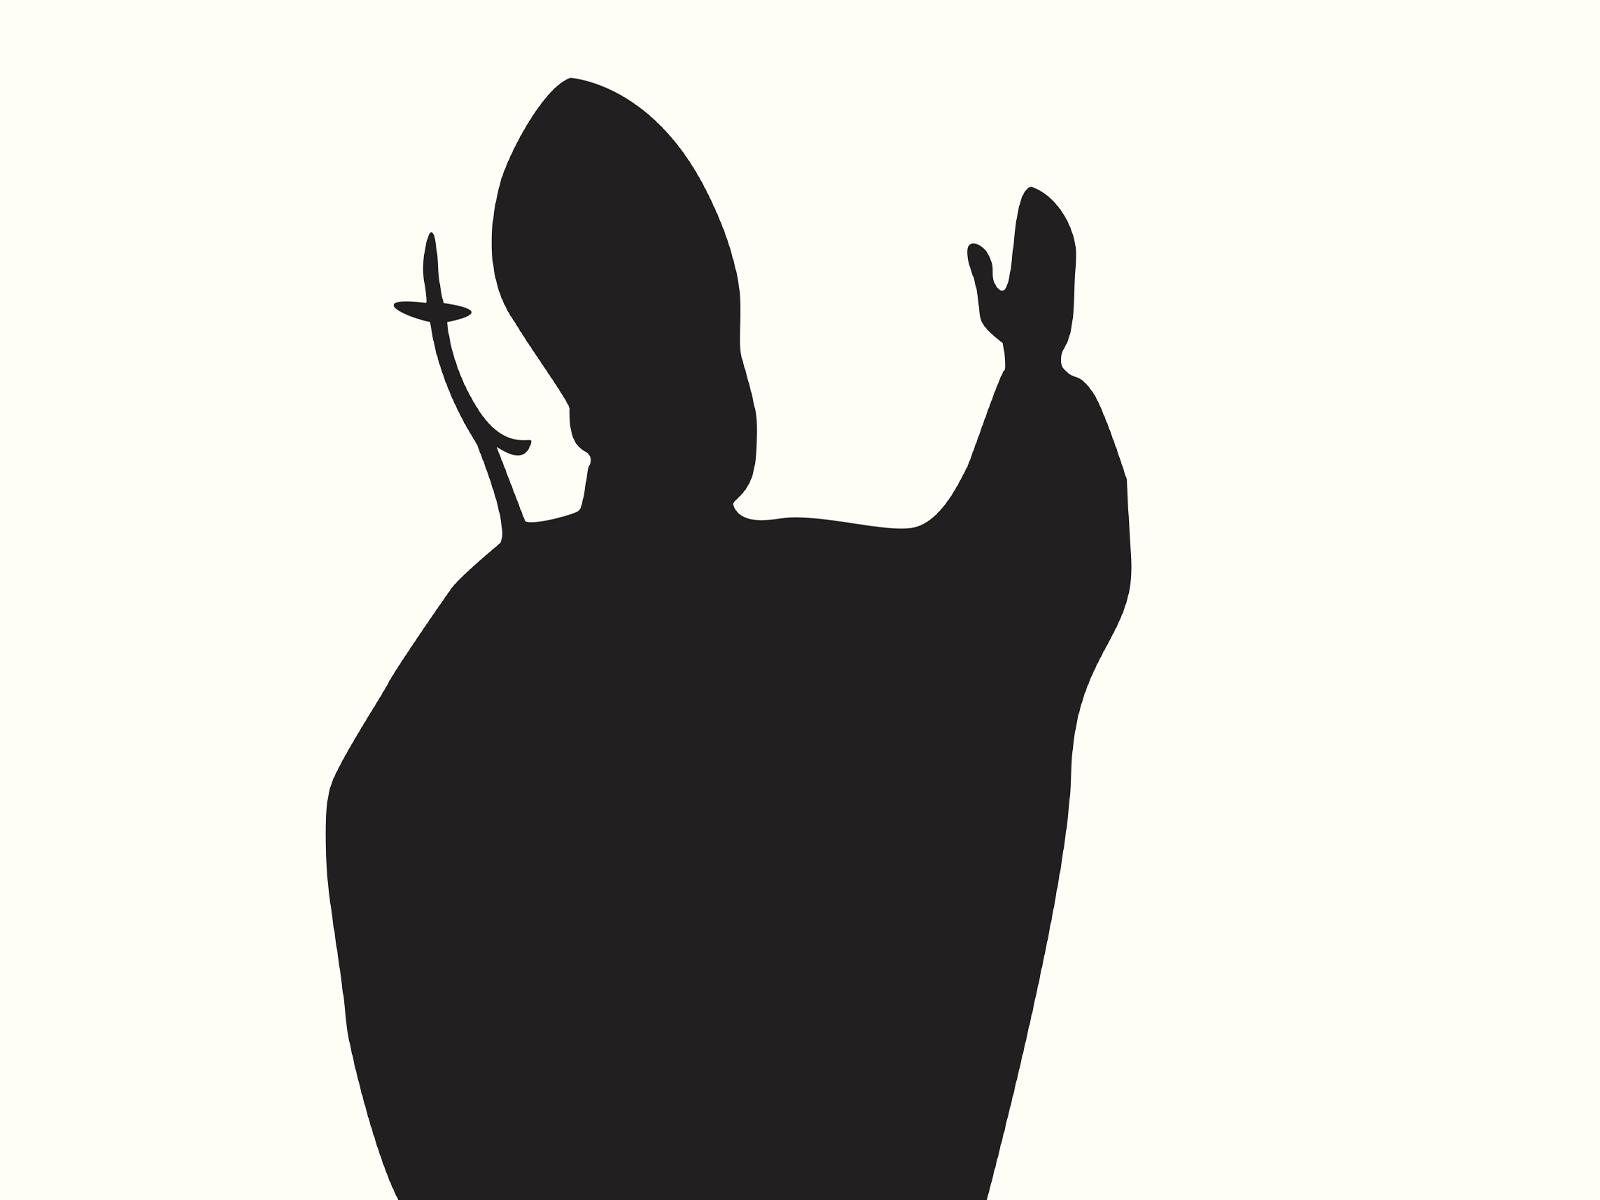 A obediência ao Papa e Bispos, à luz do direito canônico